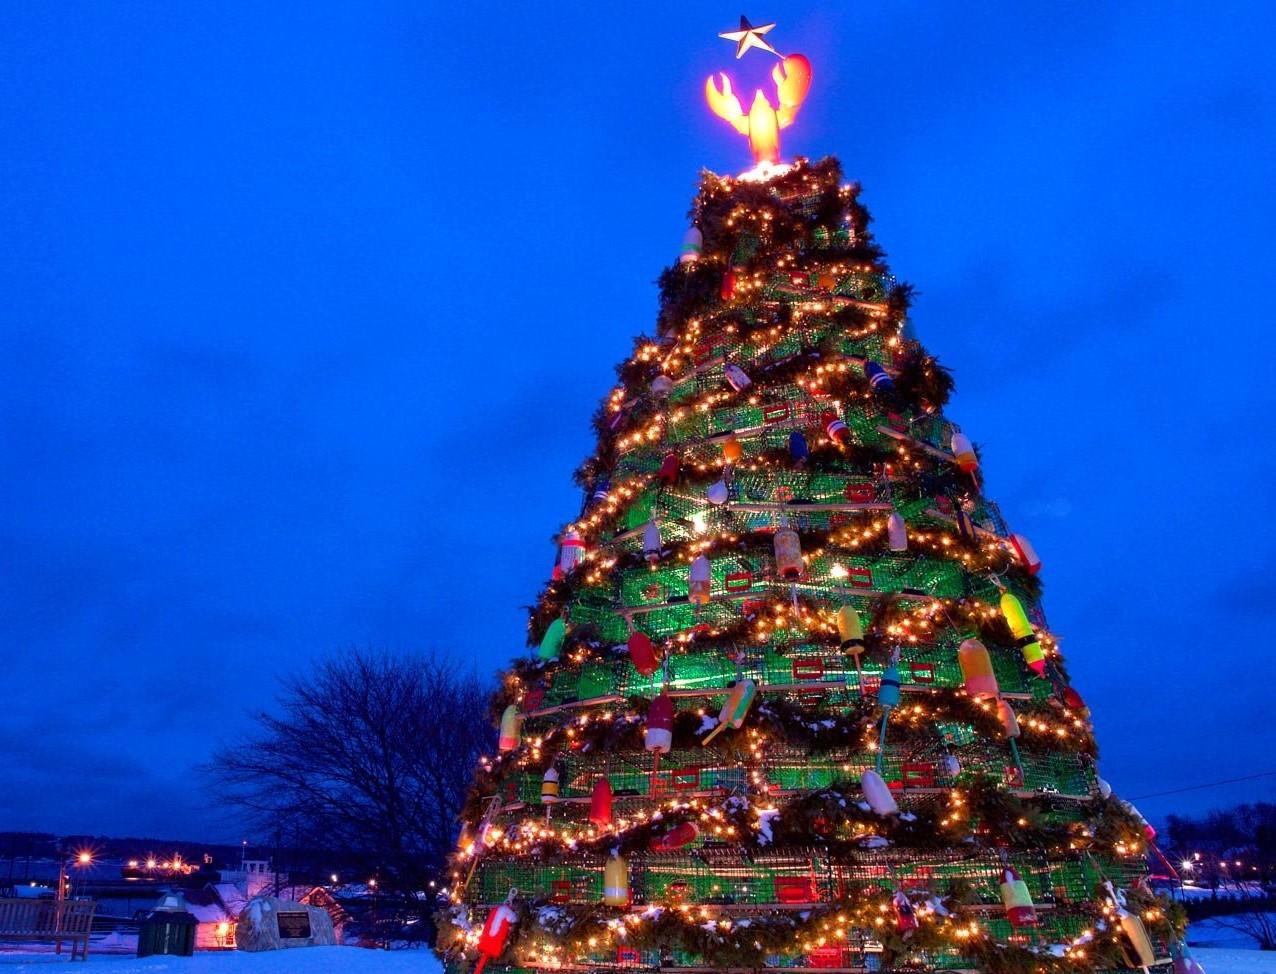 Lighted Christmas tree against a dark blue sky